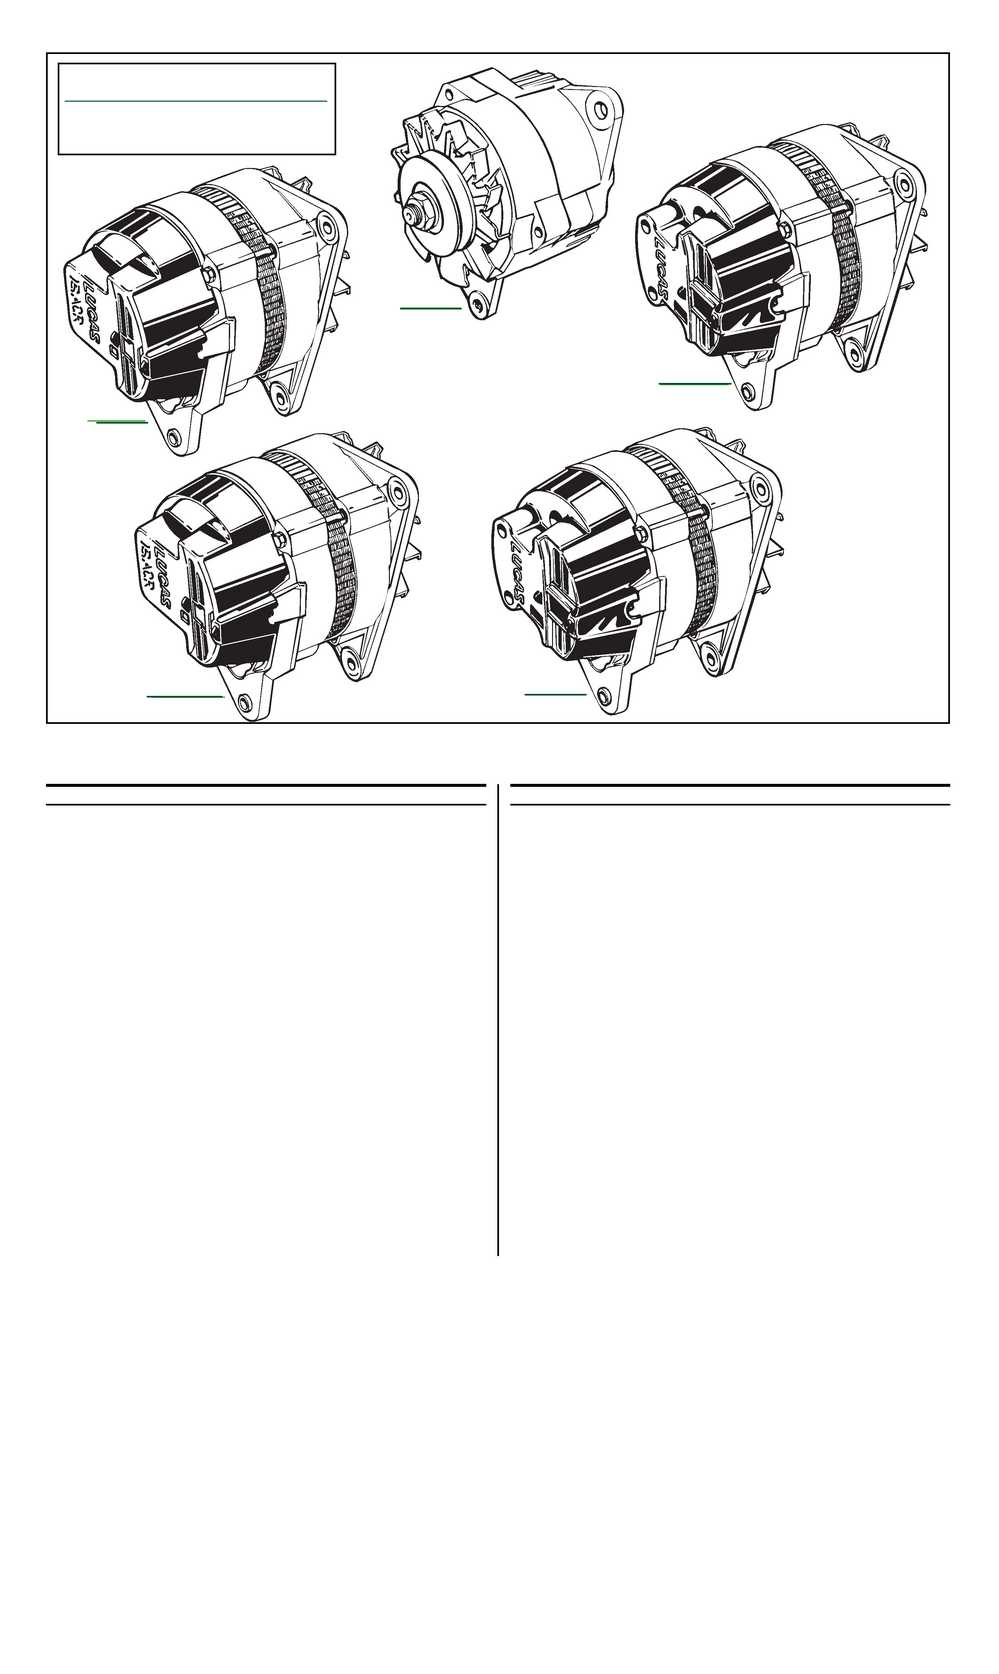 Bendix Tr661a Tr6audi V8 Conversion